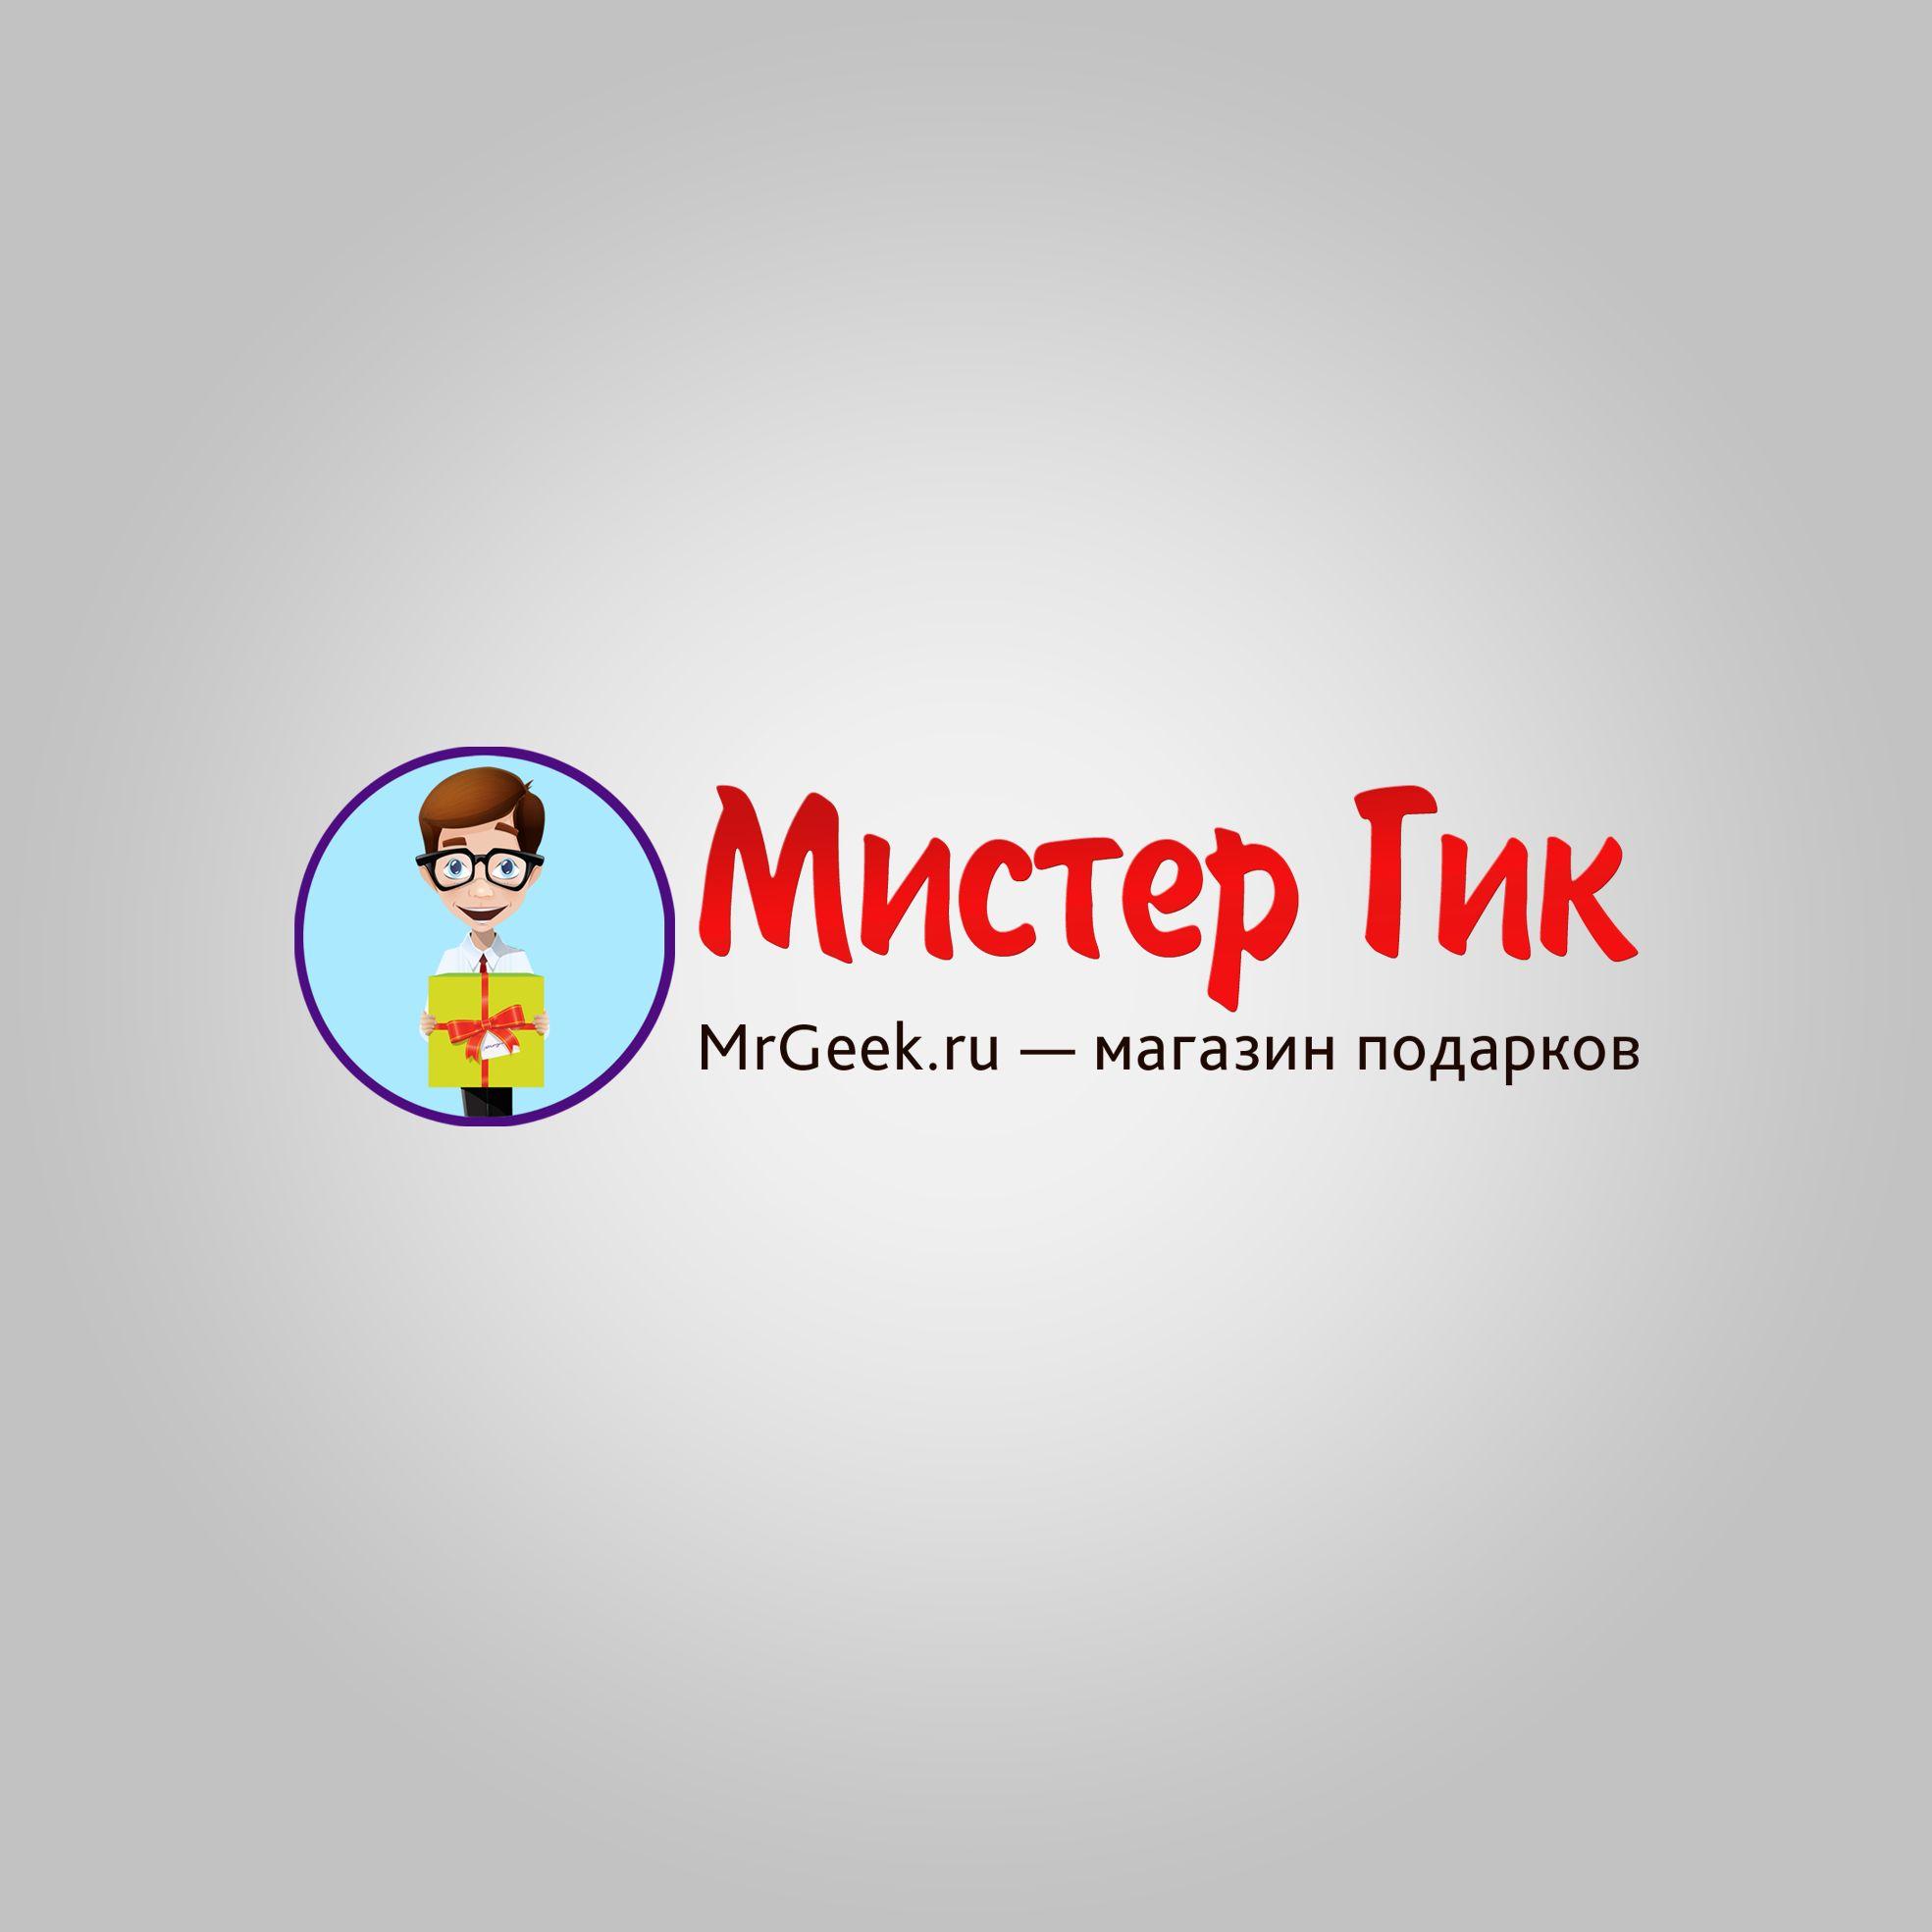 Логотип для магазина подарков - дизайнер ruslanolimp12